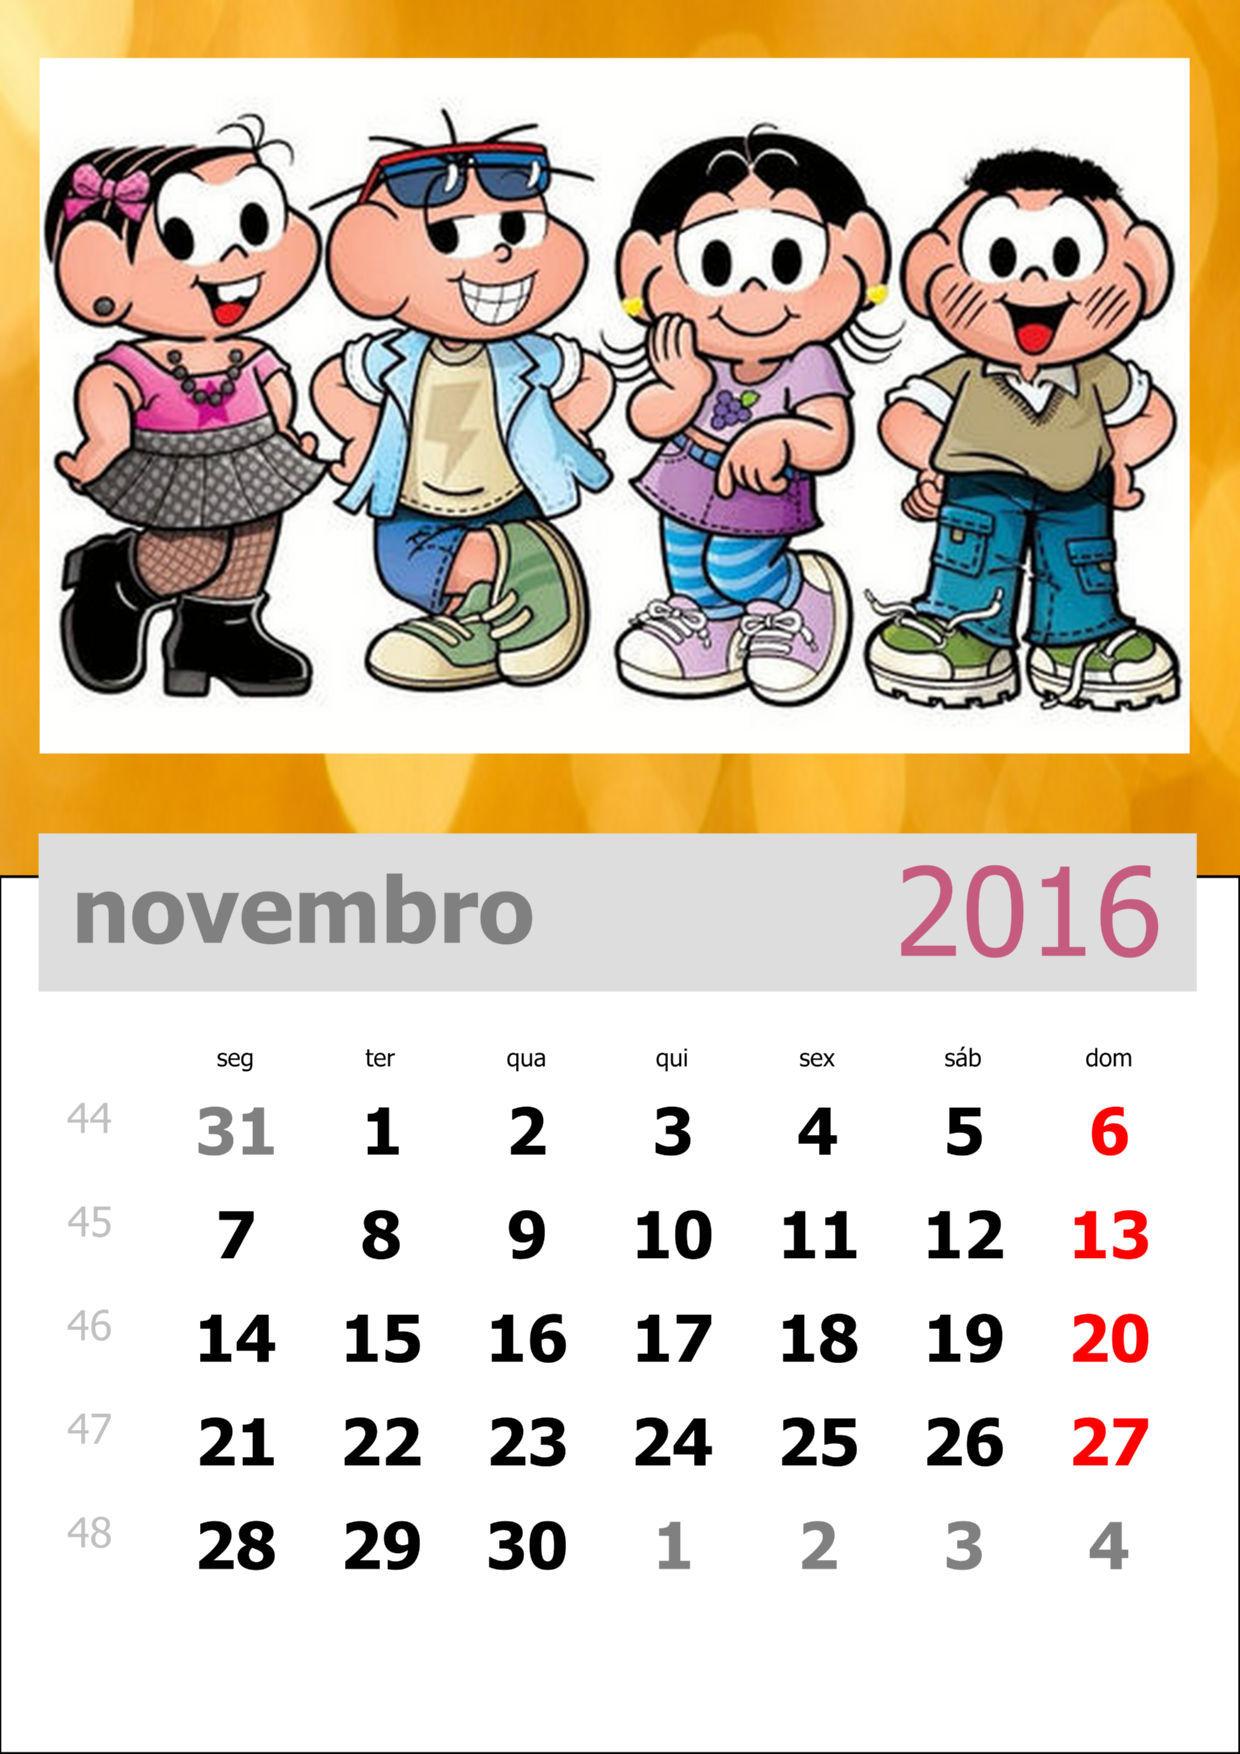 Calendário da Turma da Mônica 2016 - Mês de novembro